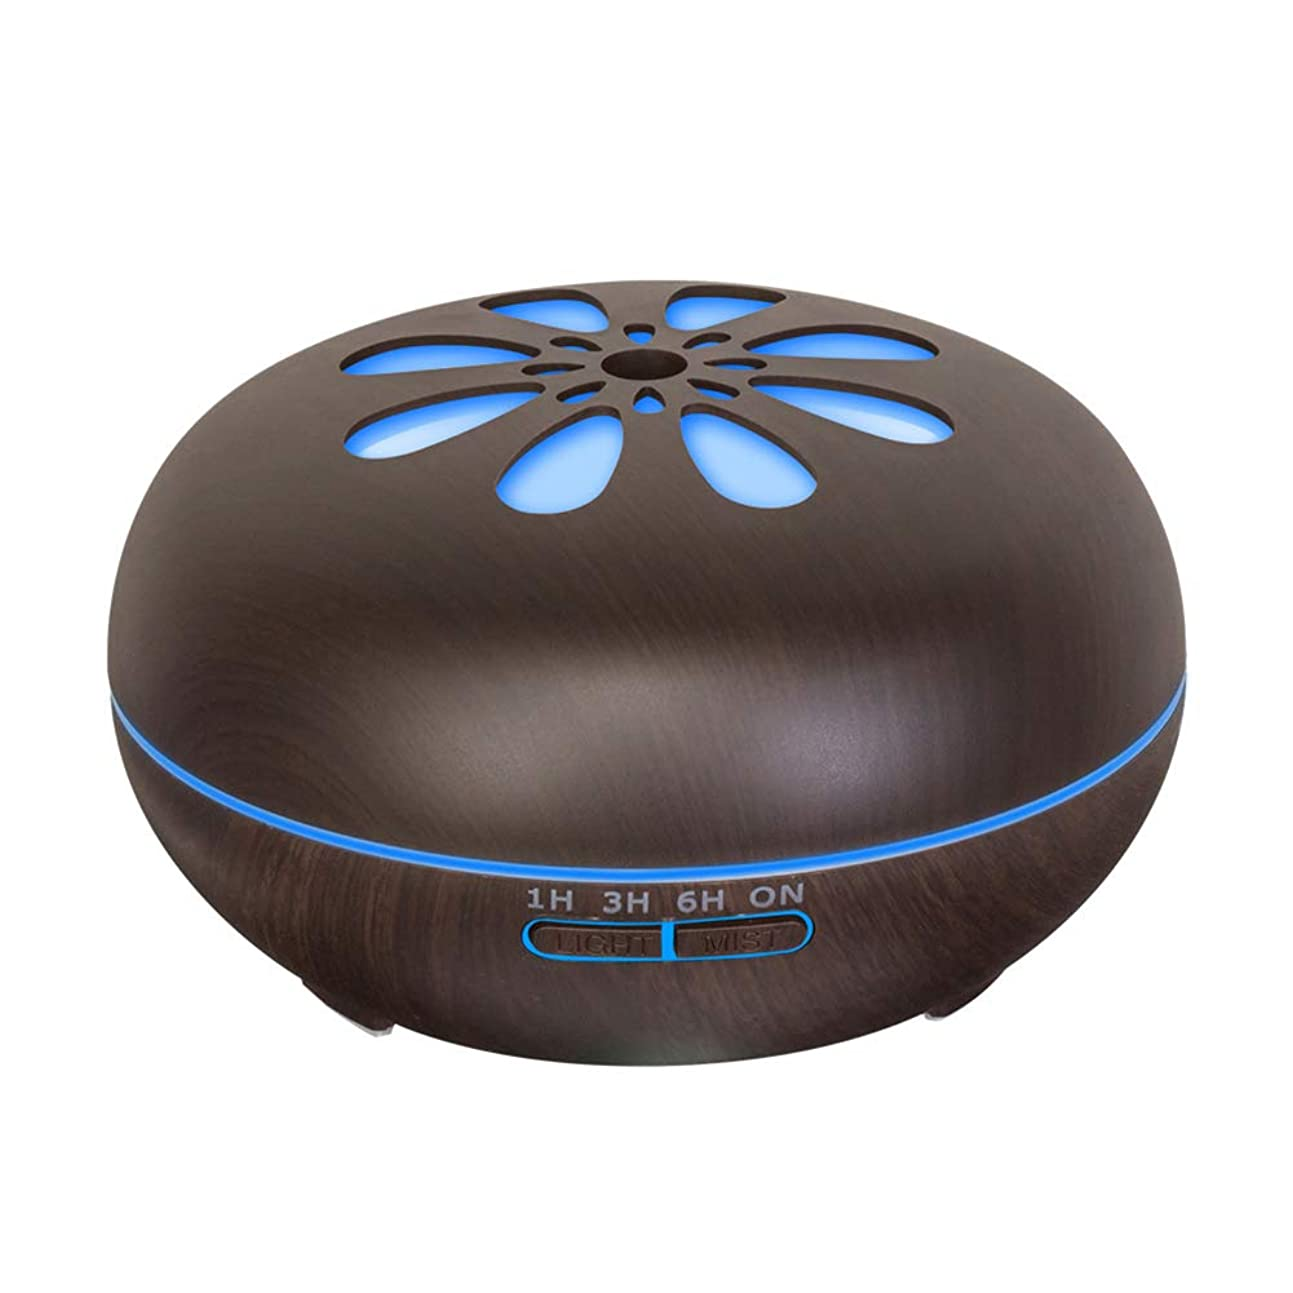 うめき虫を数えるレンド550 Ml 木目 涼しい霧 加湿器,リモコン 7 色 超音波式 加湿機 時間 香り 精油 ディフューザー ホーム オフィス リビング ルーム Yoga-h